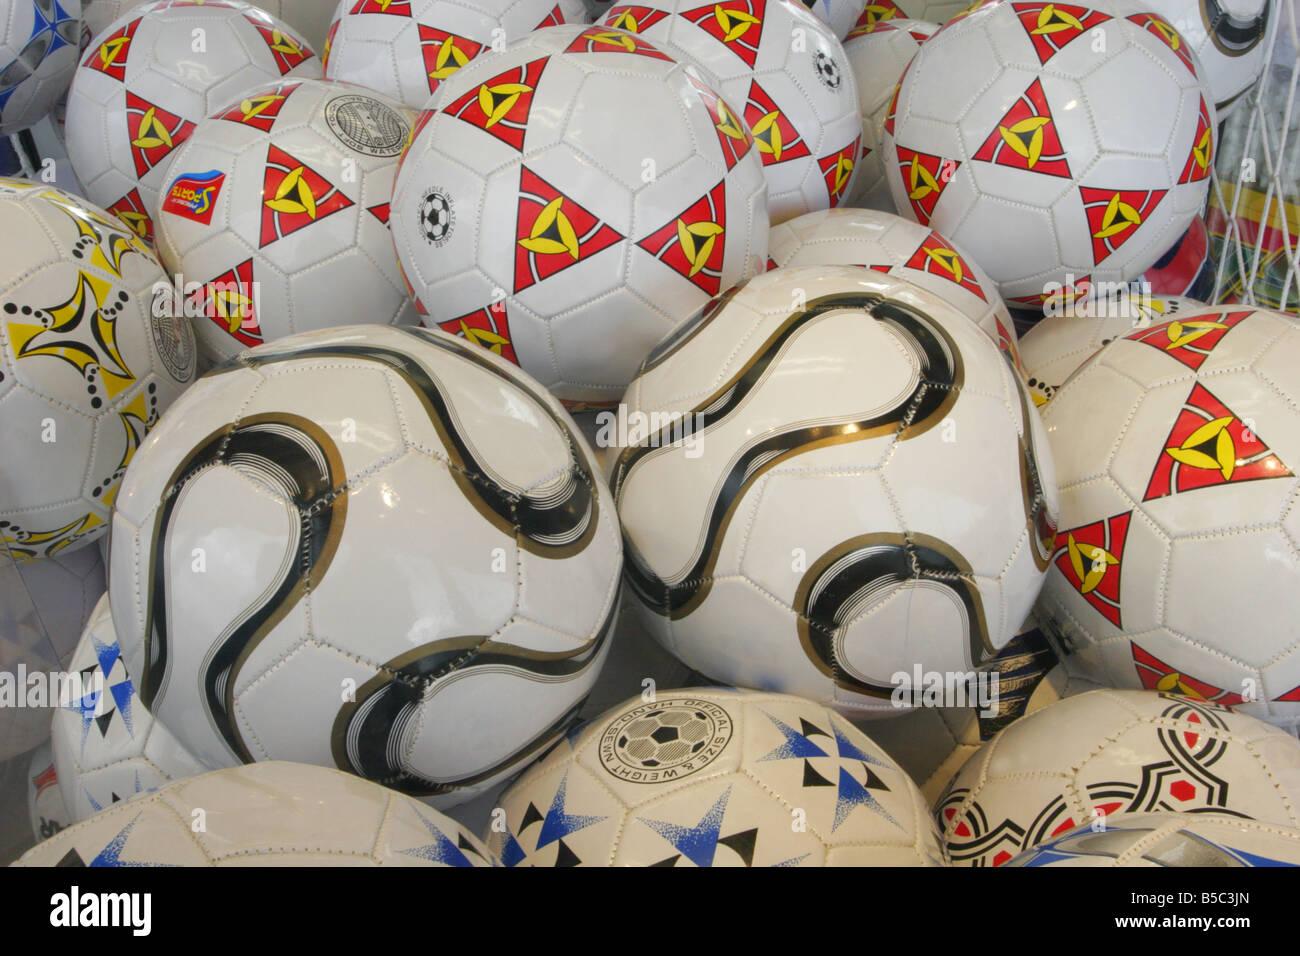 Ballons dans la fenêtre d'arcade Banque D'Images